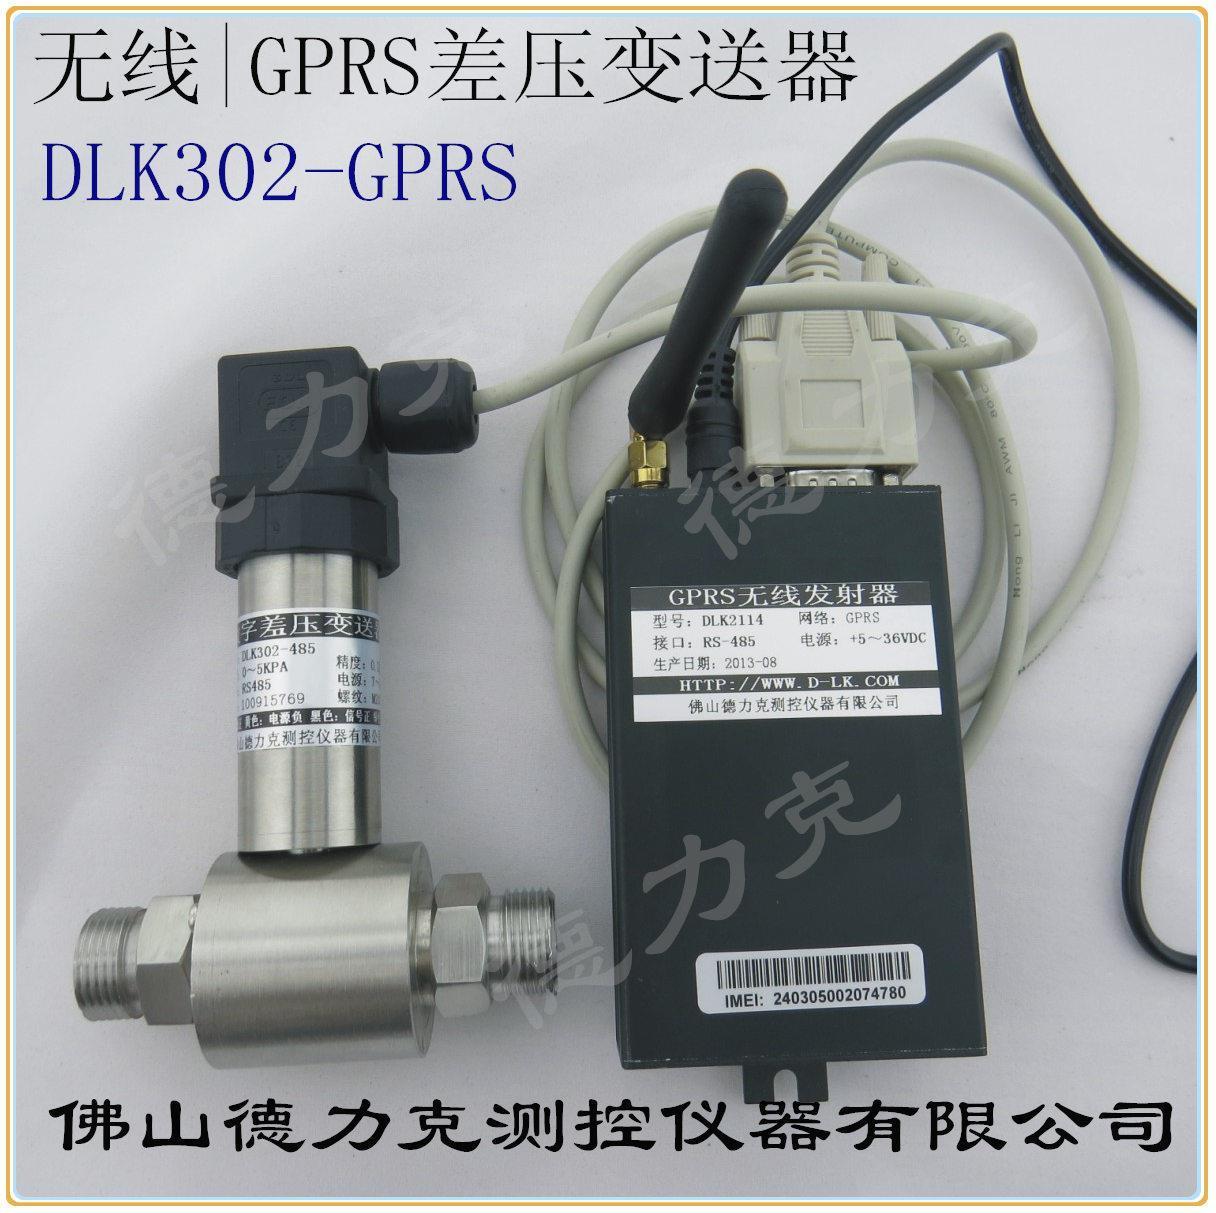 無線差壓傳感器 液體無線差壓傳感器 通用型無線差壓傳感器技術參數